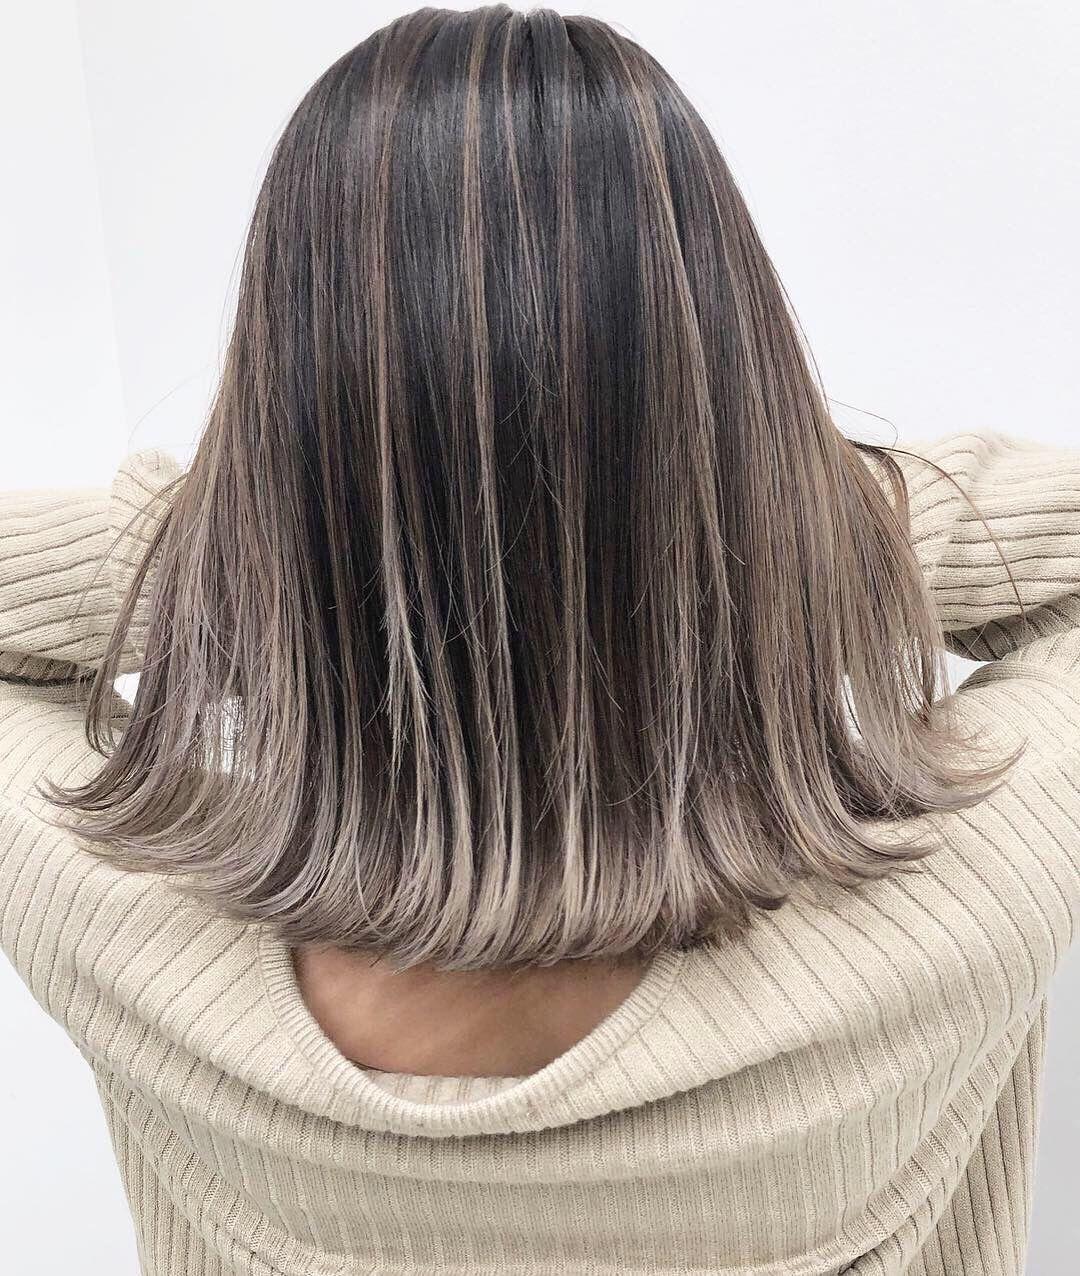 新作バレイヤージュできました 髪 カラー 髪の毛カラー ヘア